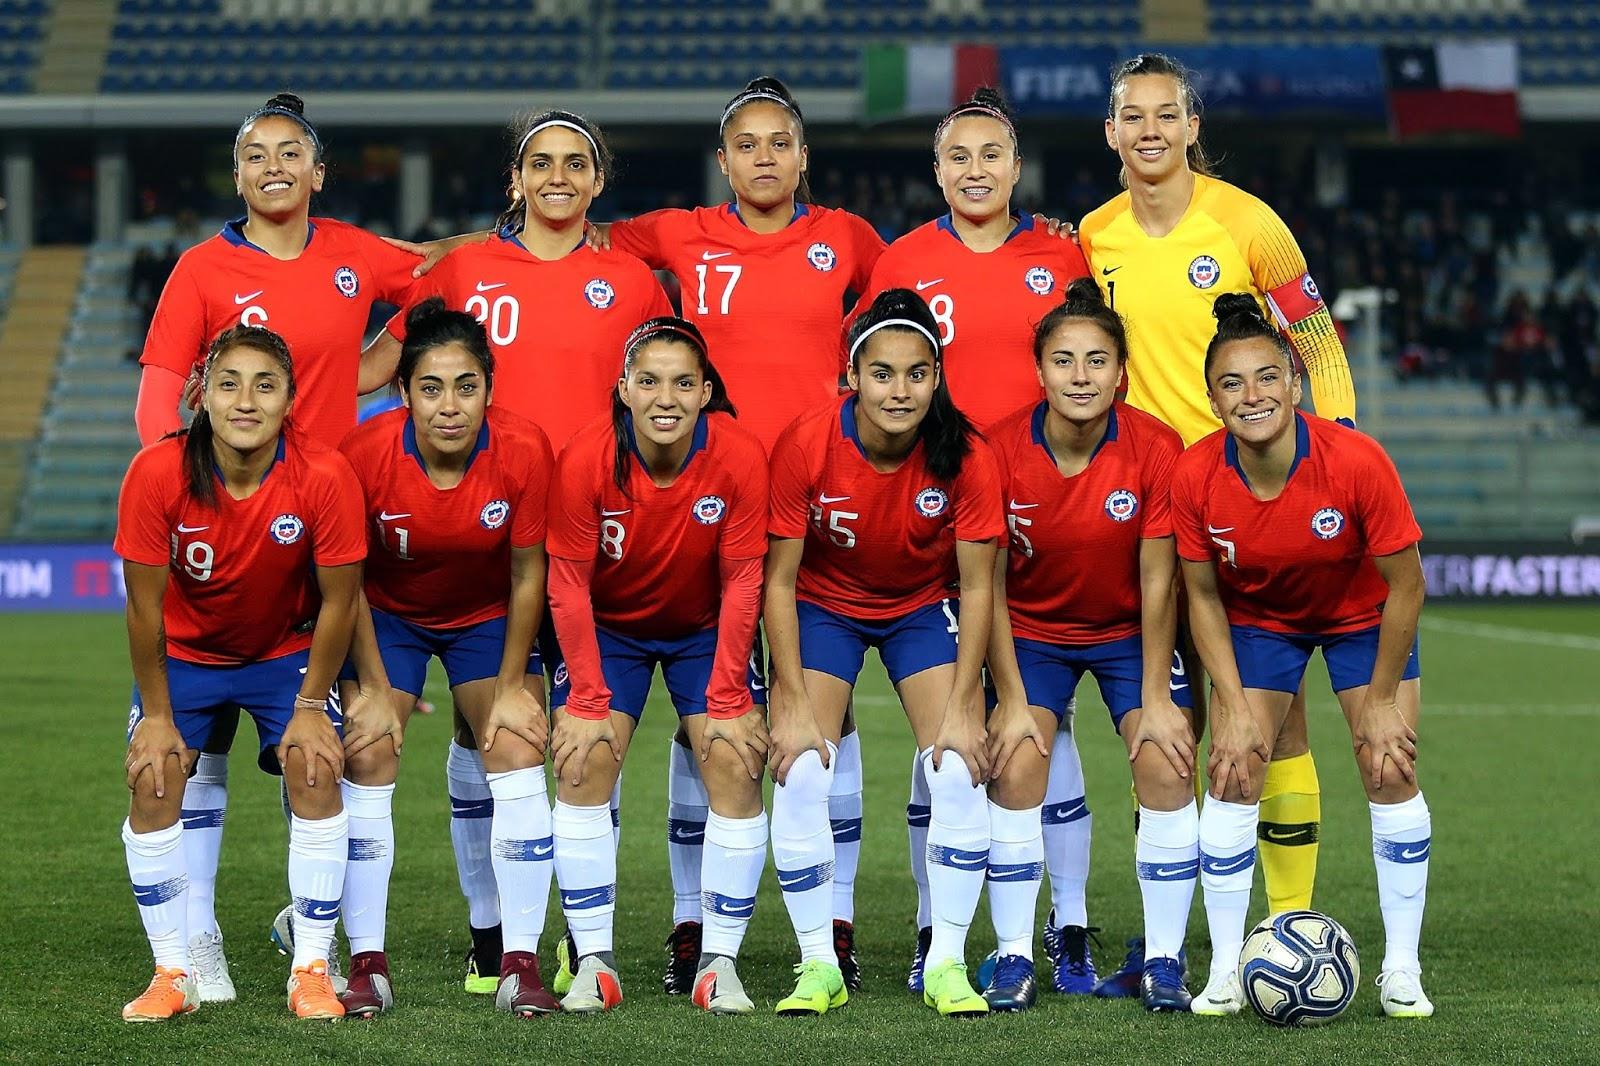 Formación de selección femenina de Chile ante Italia, amistoso disputado el 18 de enero de 2019